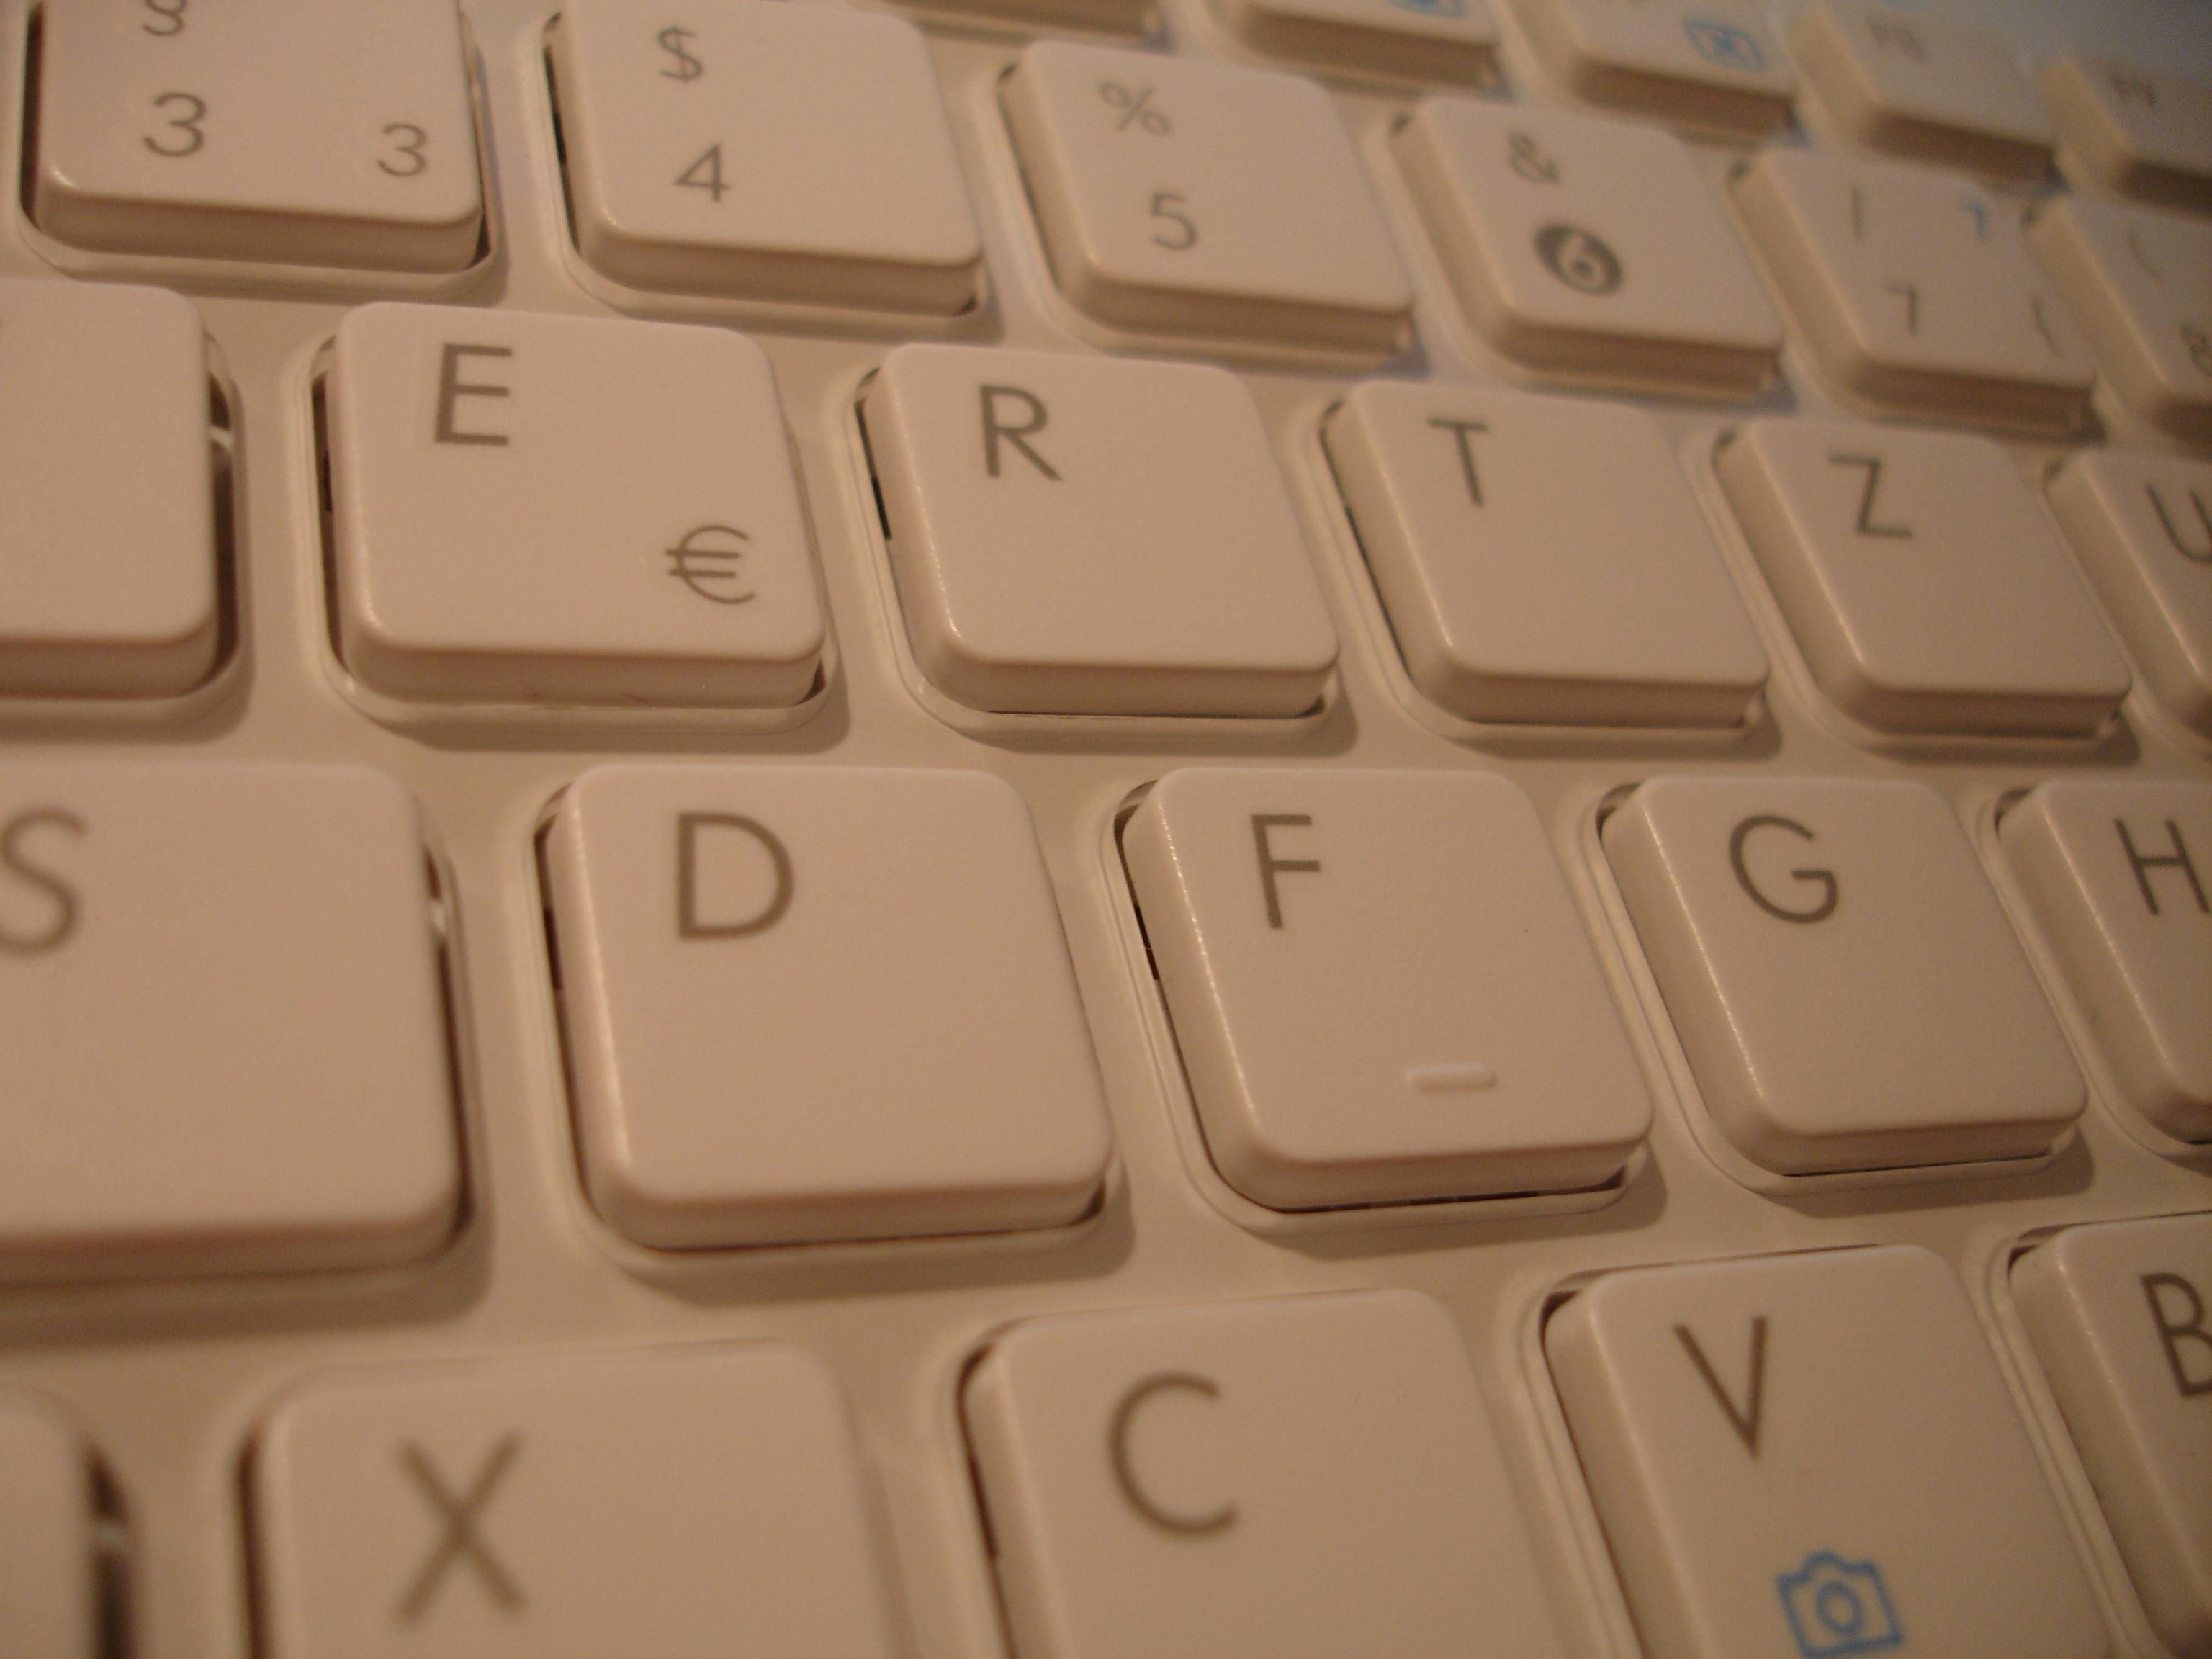 фотография клавиатуры крупным планом